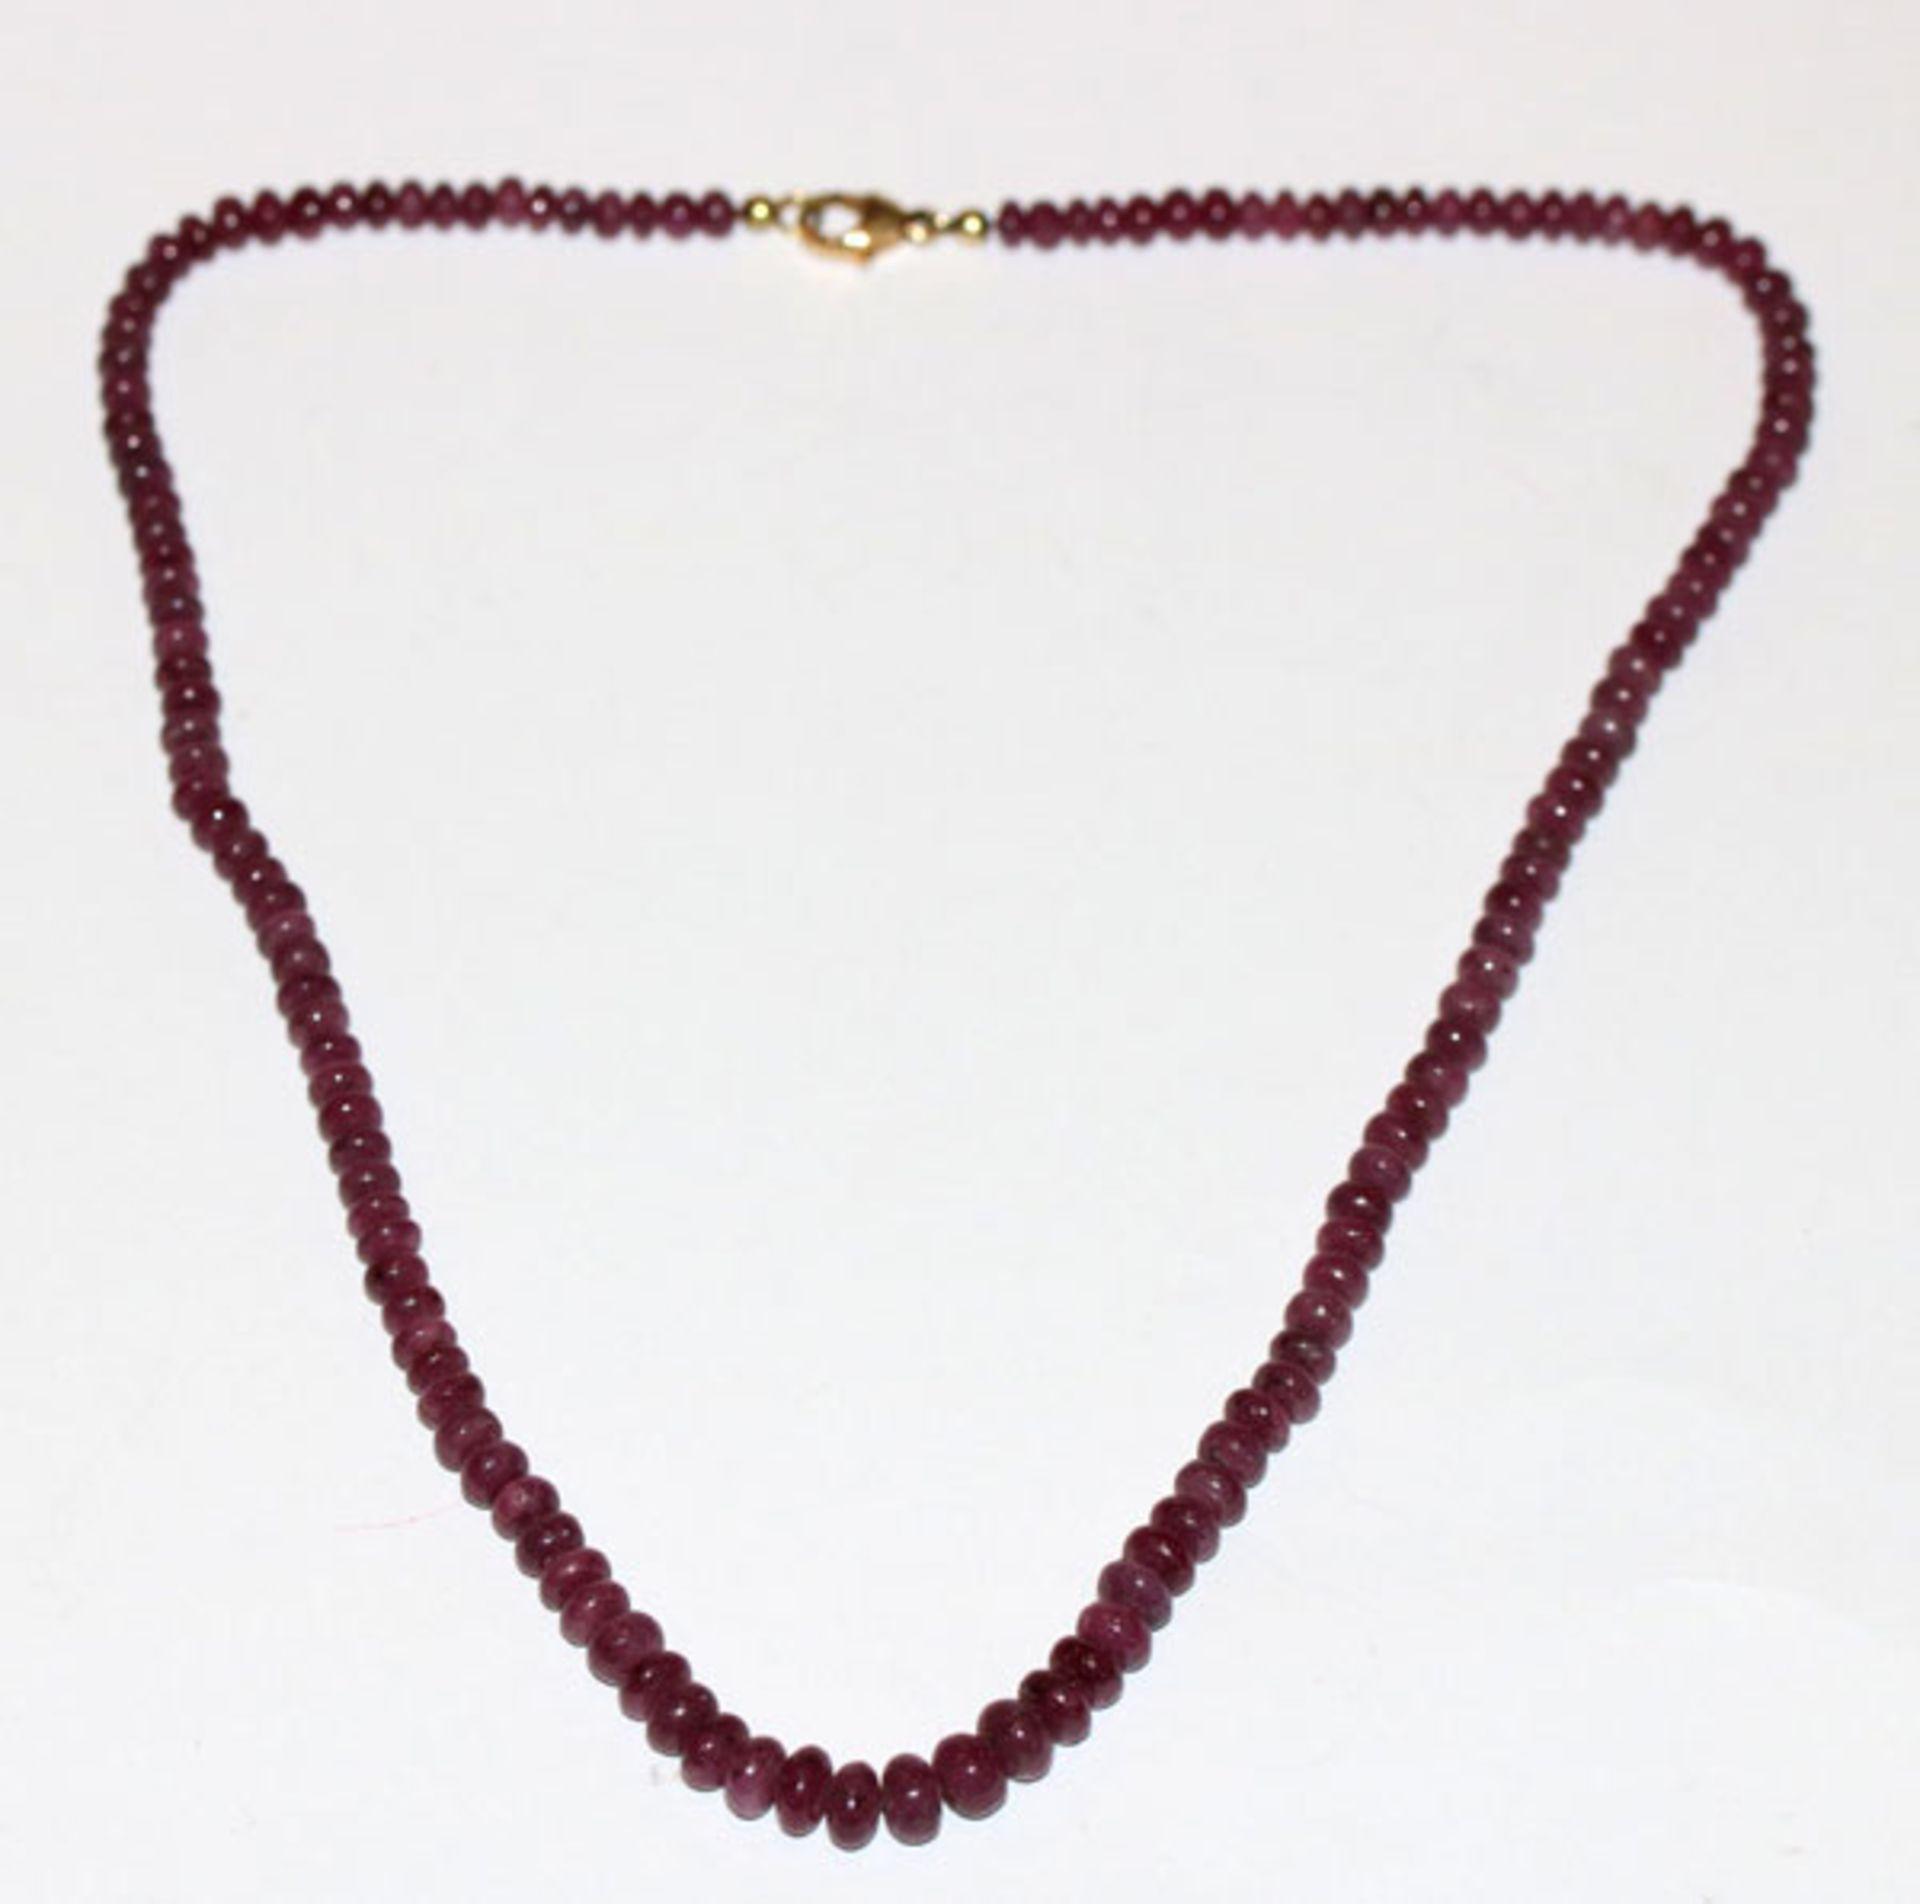 Rubin Kugelkette mit 14 k Gelbgold Schließe, L 42 cm